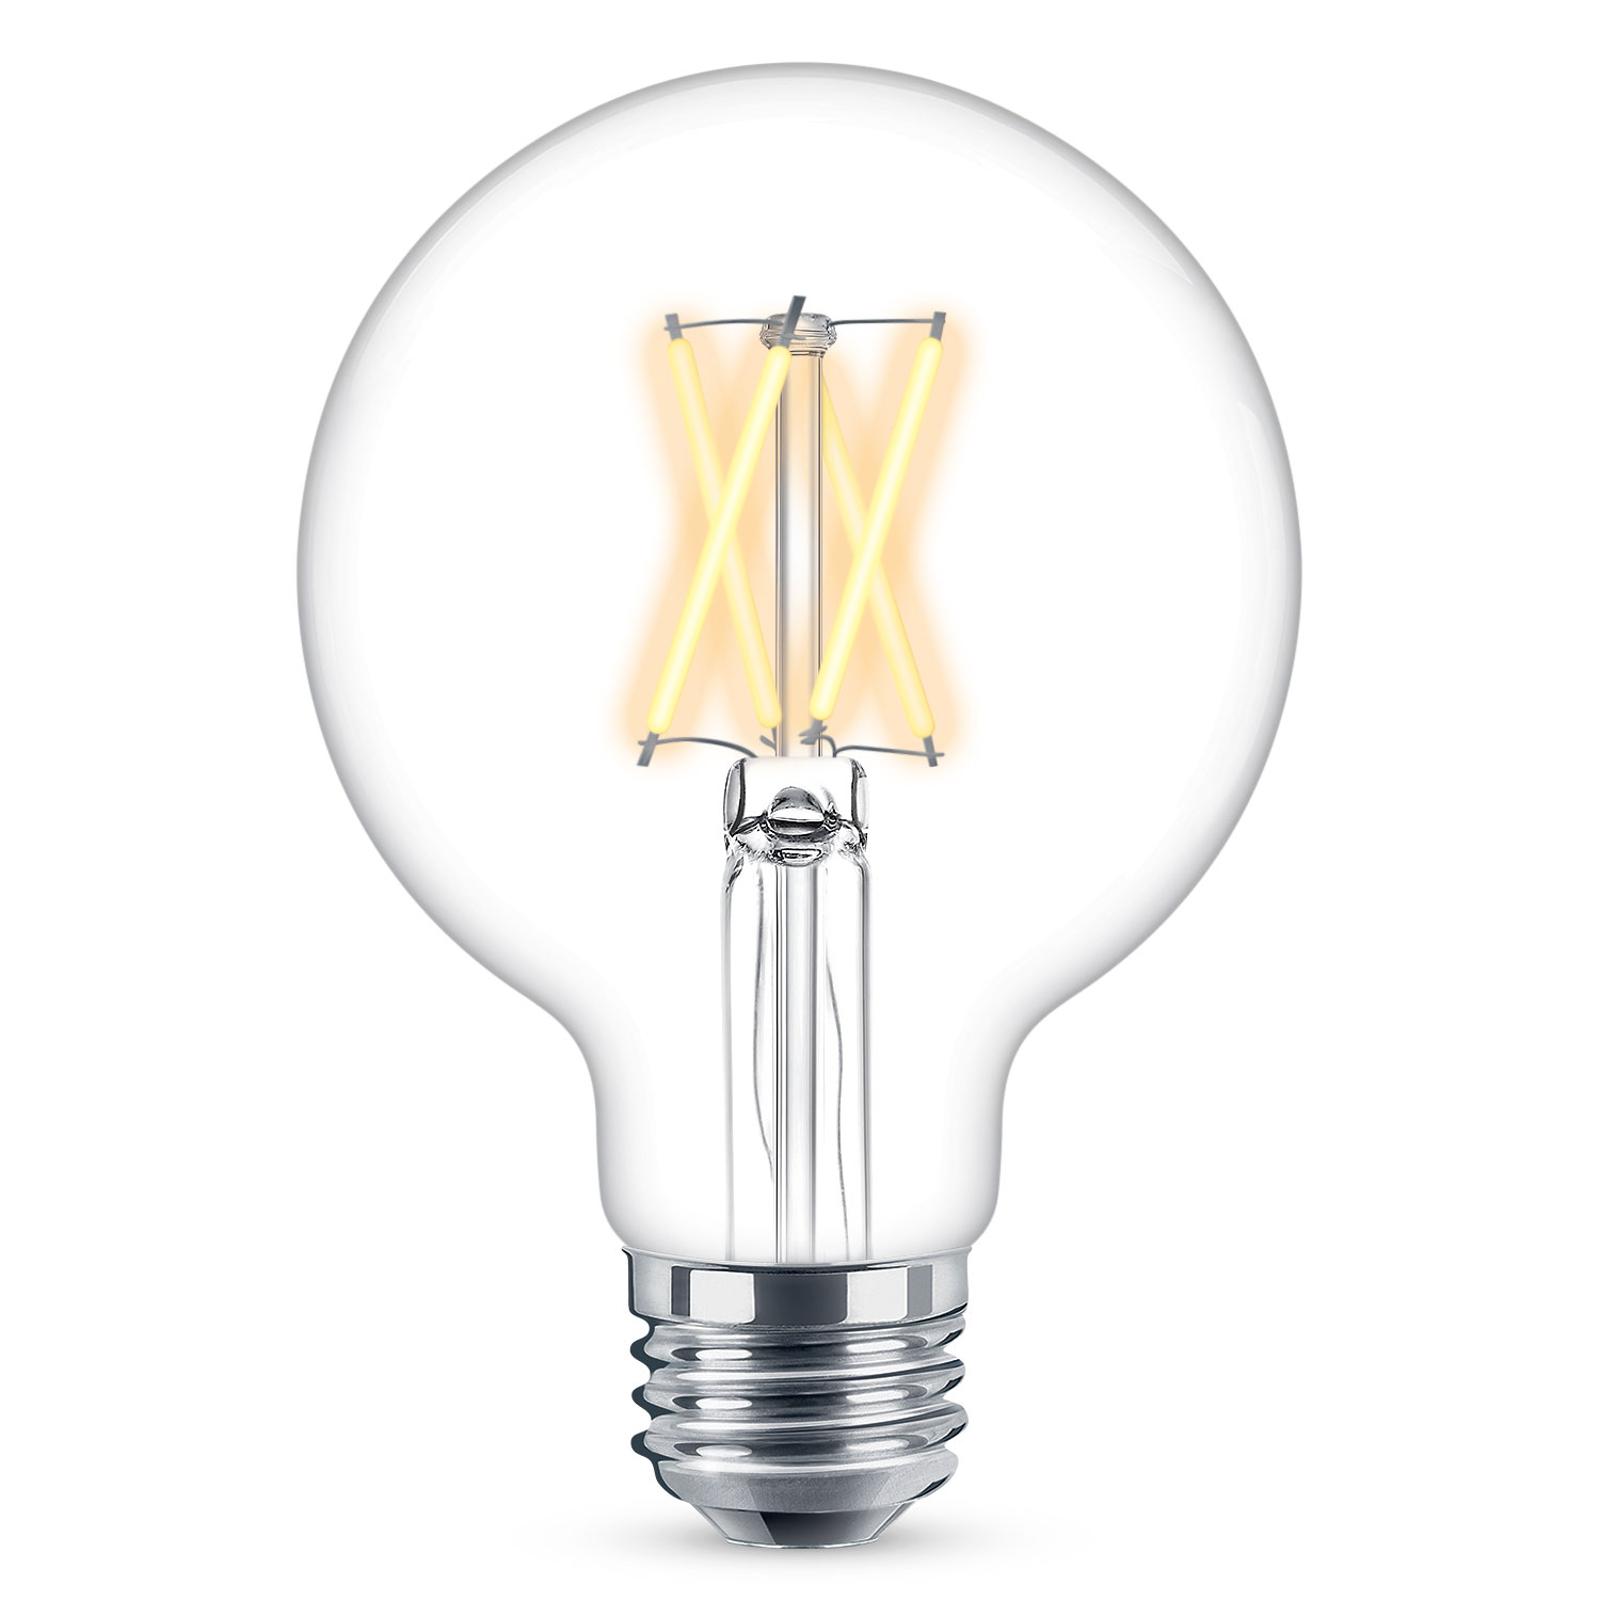 WiZ E27 LED G95 filament transp. 6,5W 2200-5500K